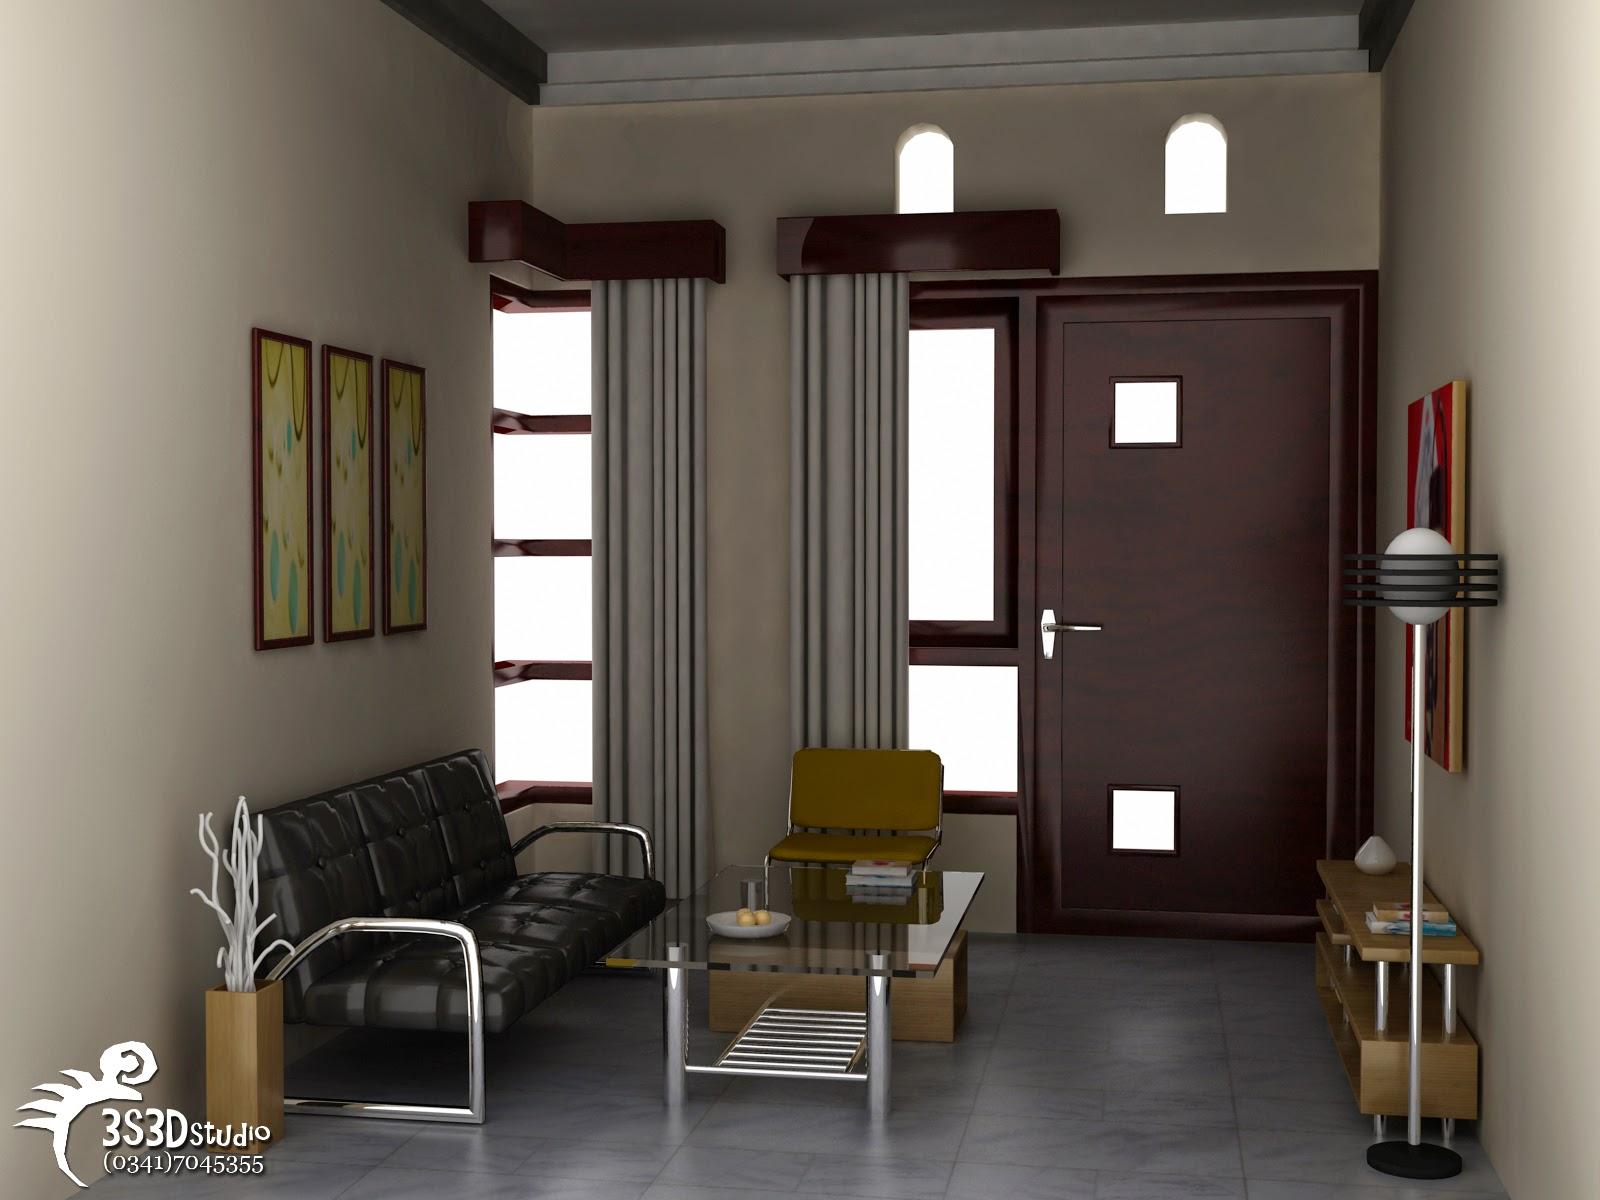 Desain Ruang Tamu Rumah Kontrakan Wallpaper Dinding